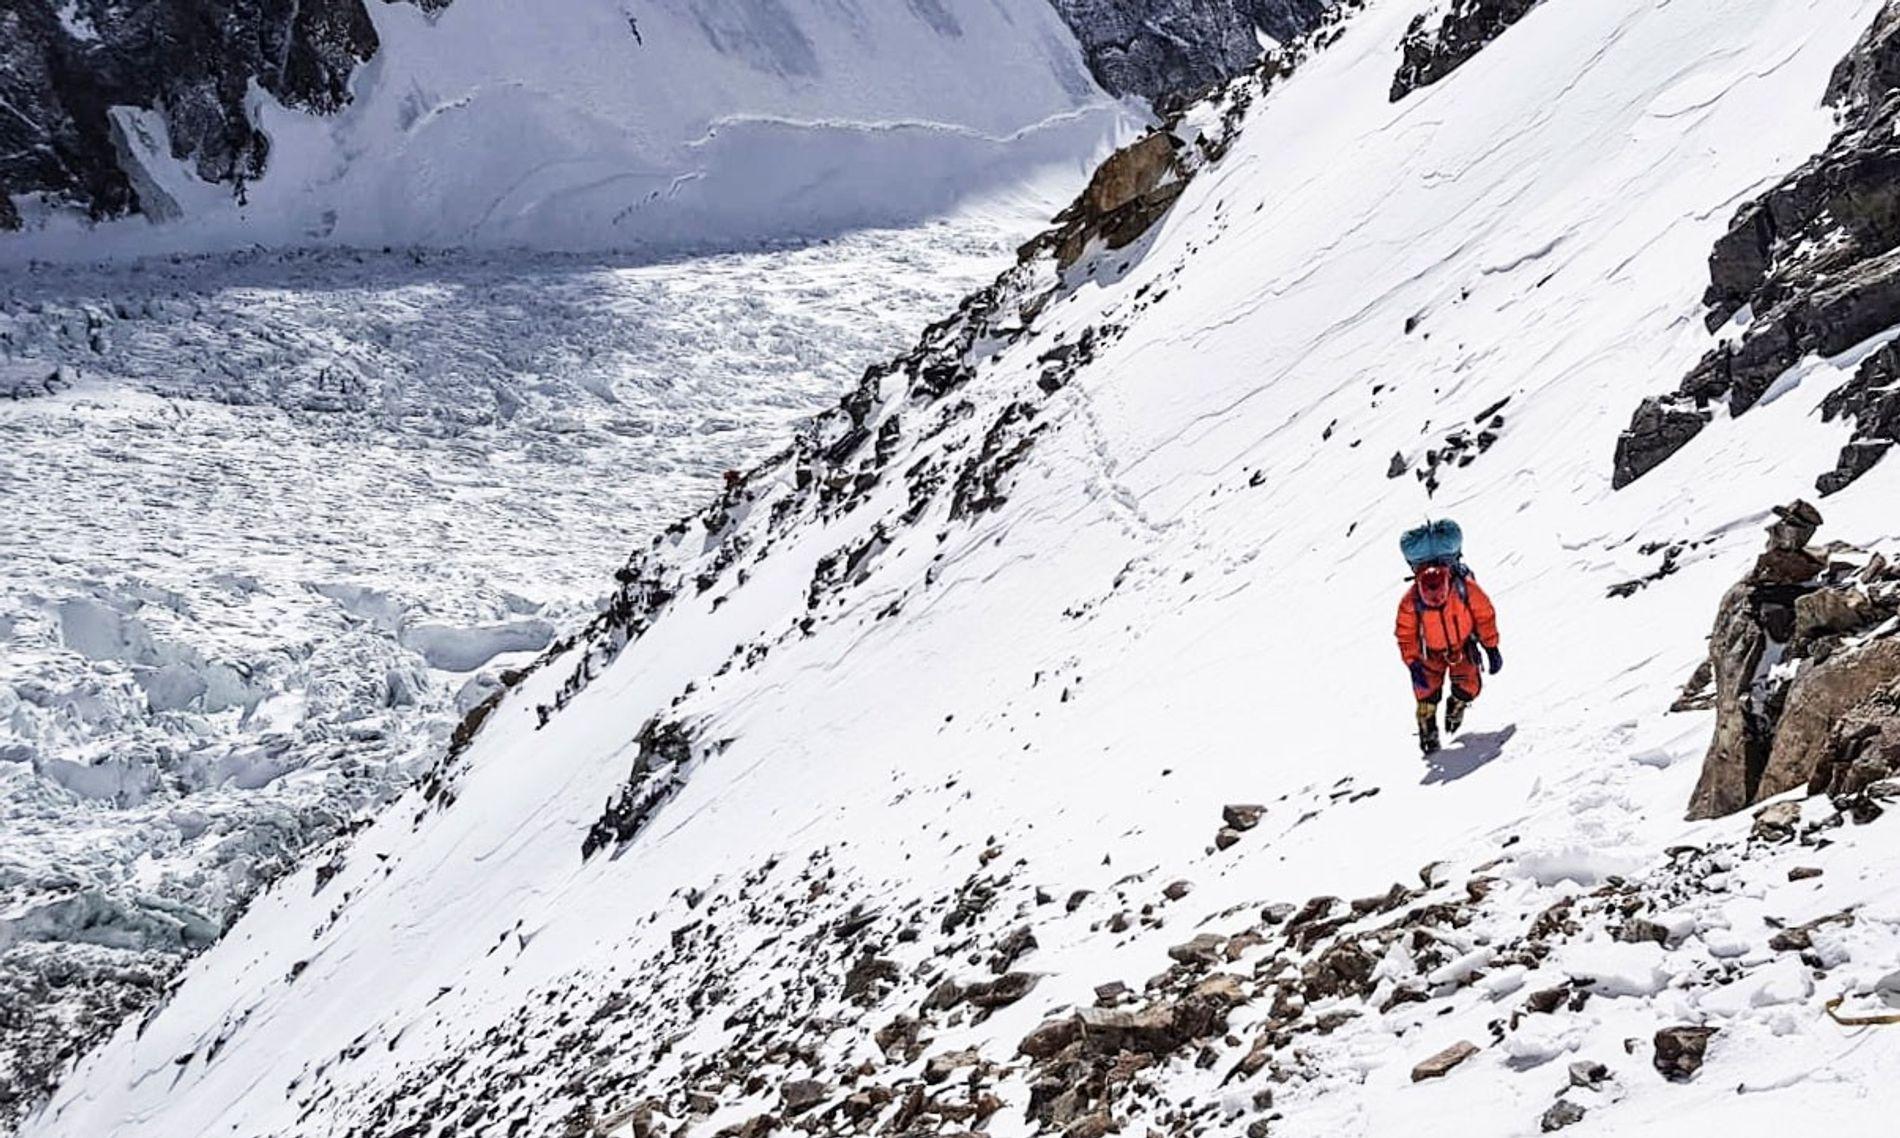 Un miembro de un equipo de escalada dirigido por el español Alex Txikon sube por el K2. Este invierno, hay dos expediciones por la montaña. En la de Txikon participan varios sherpas nepalíes y escaladores polacos. El otro equipo está compuesto por escaladores de élite de Rusia, Kirguistán y Kazajistán.